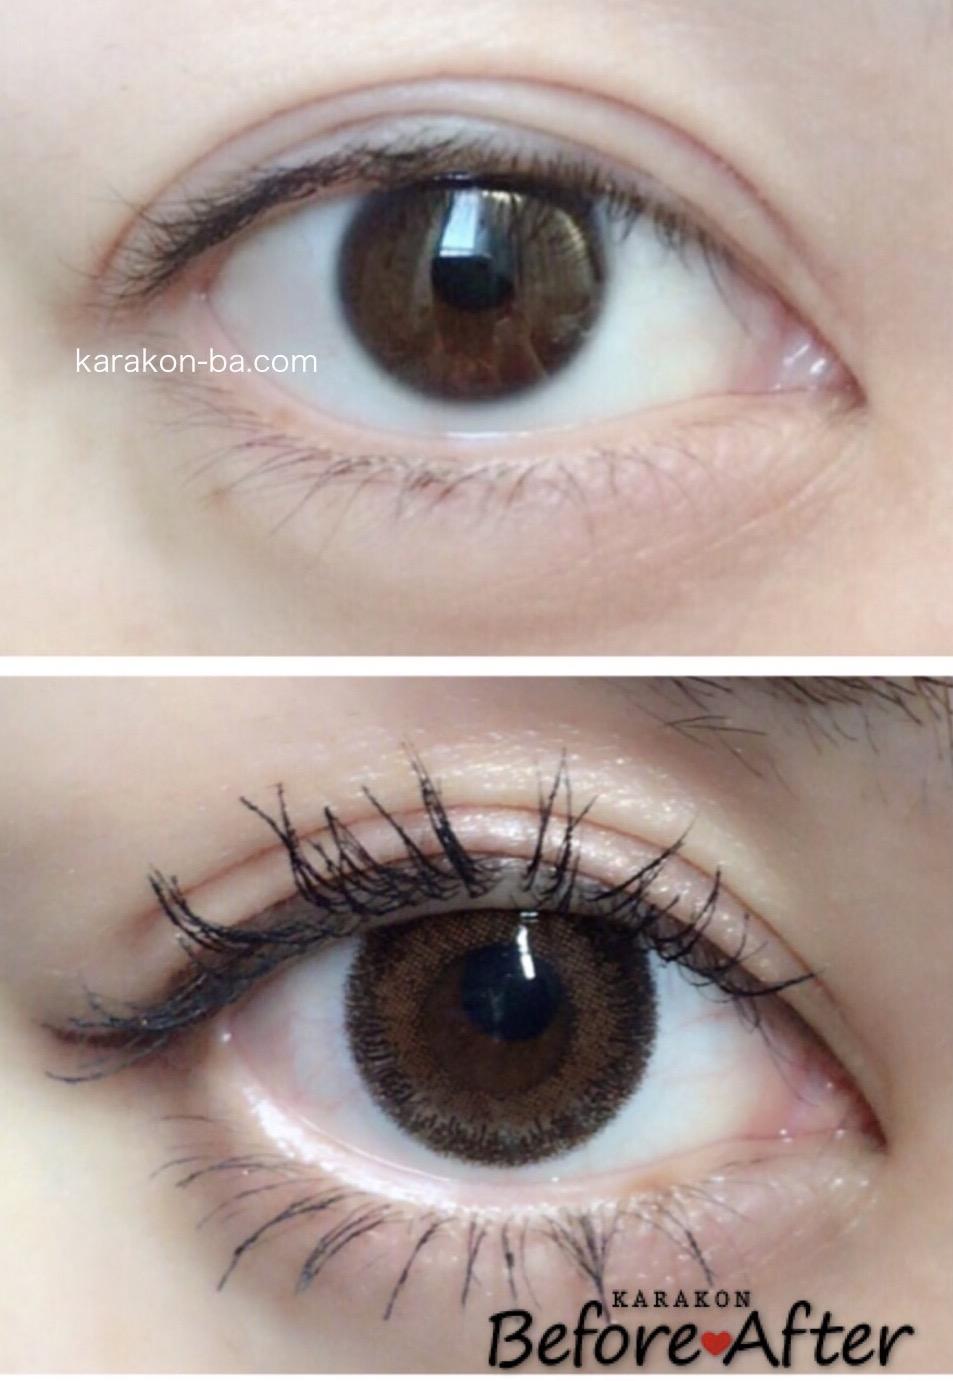 Verita(ヴェリタ)ヴェリタミストのカラコン装着画像/裸眼と比較レポ